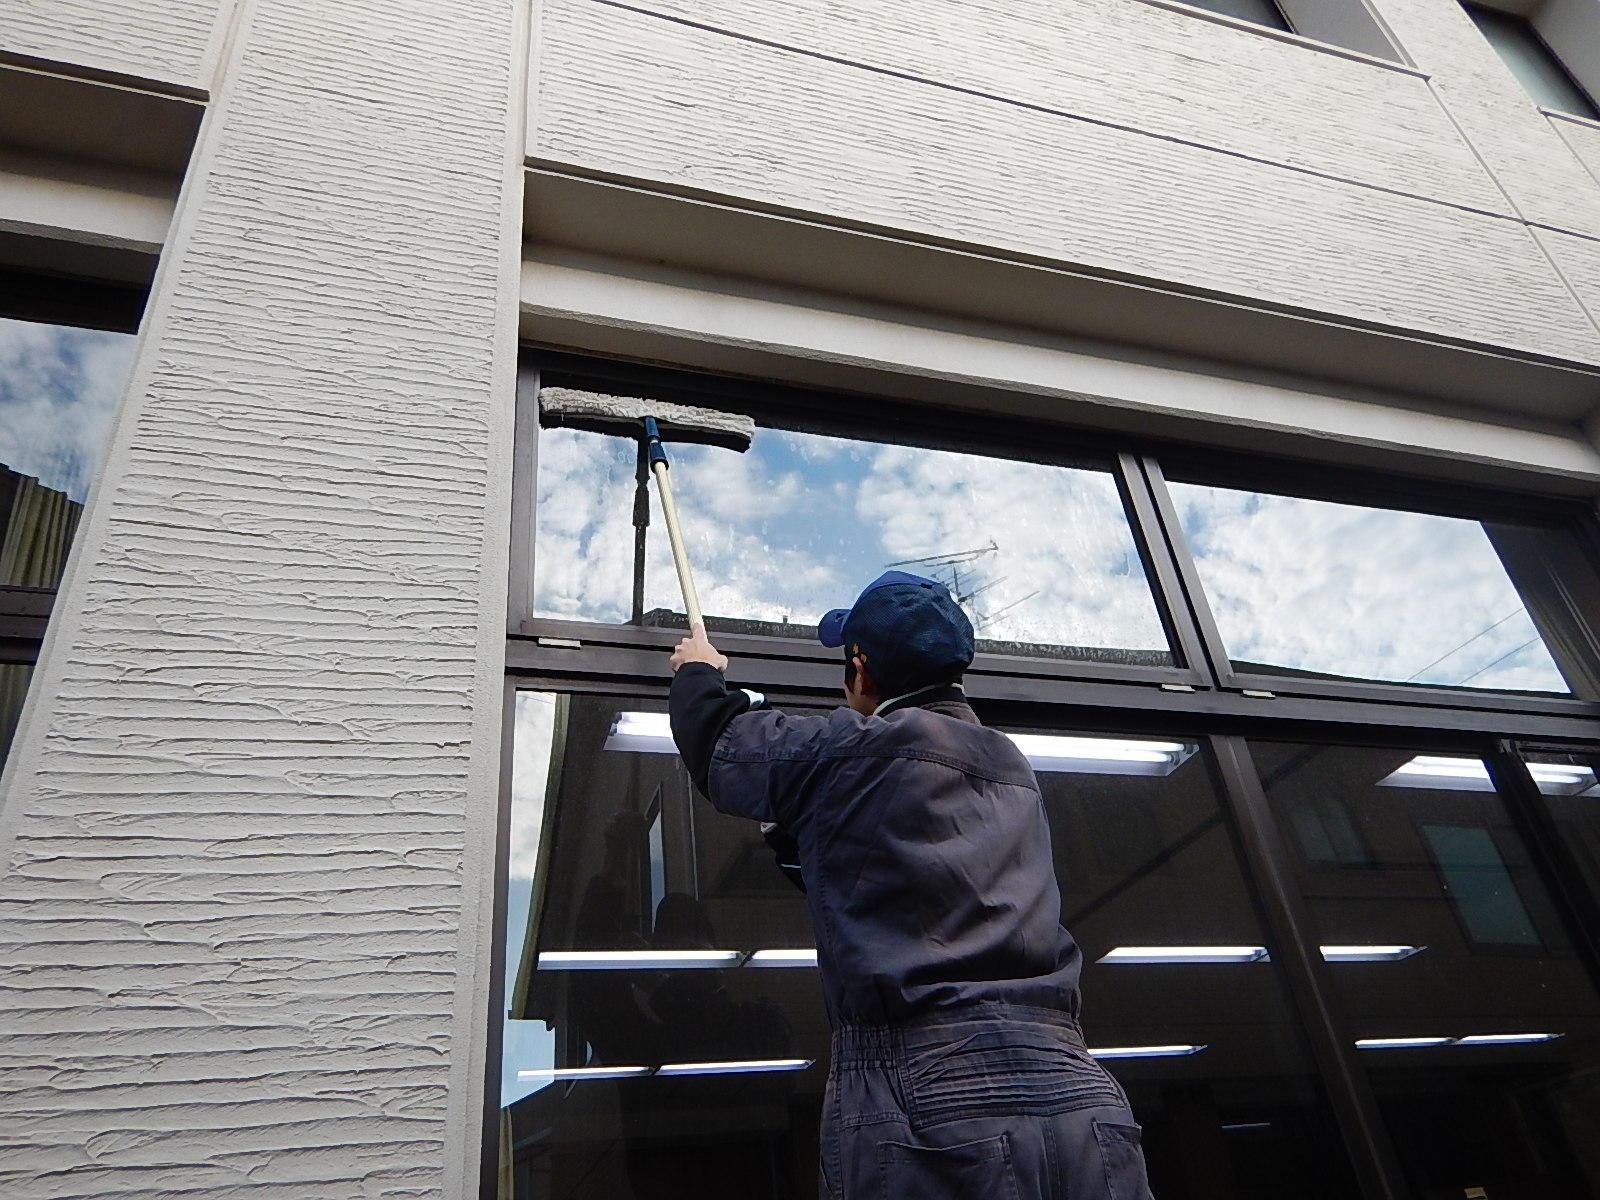 http://www.shimanet.ed.jp/hamadayougo/news/DSCN0356.JPG